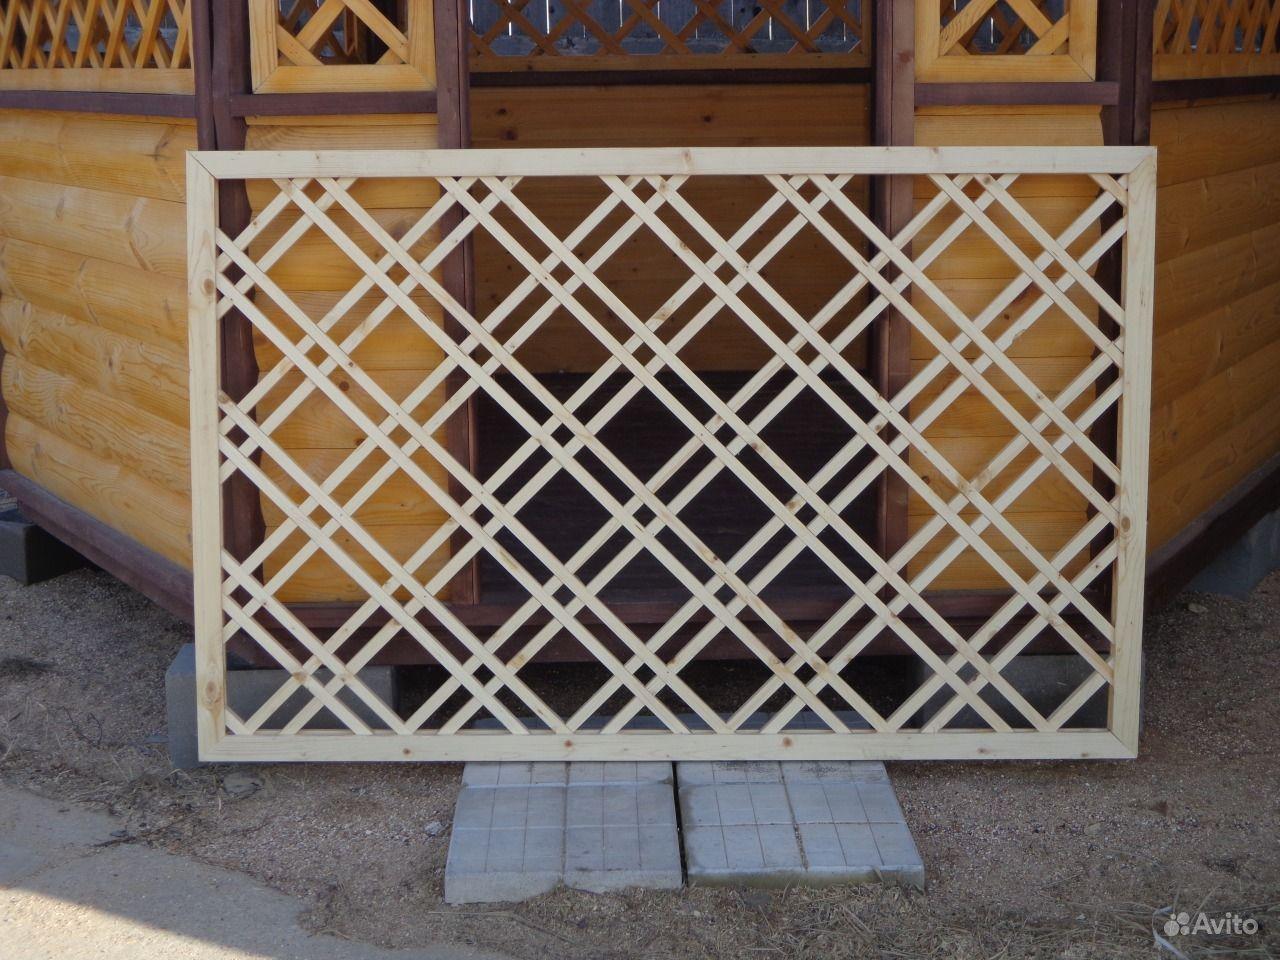 Деревянная решетка своими руками: мастер-класс с пошаговыми фотографиями 44